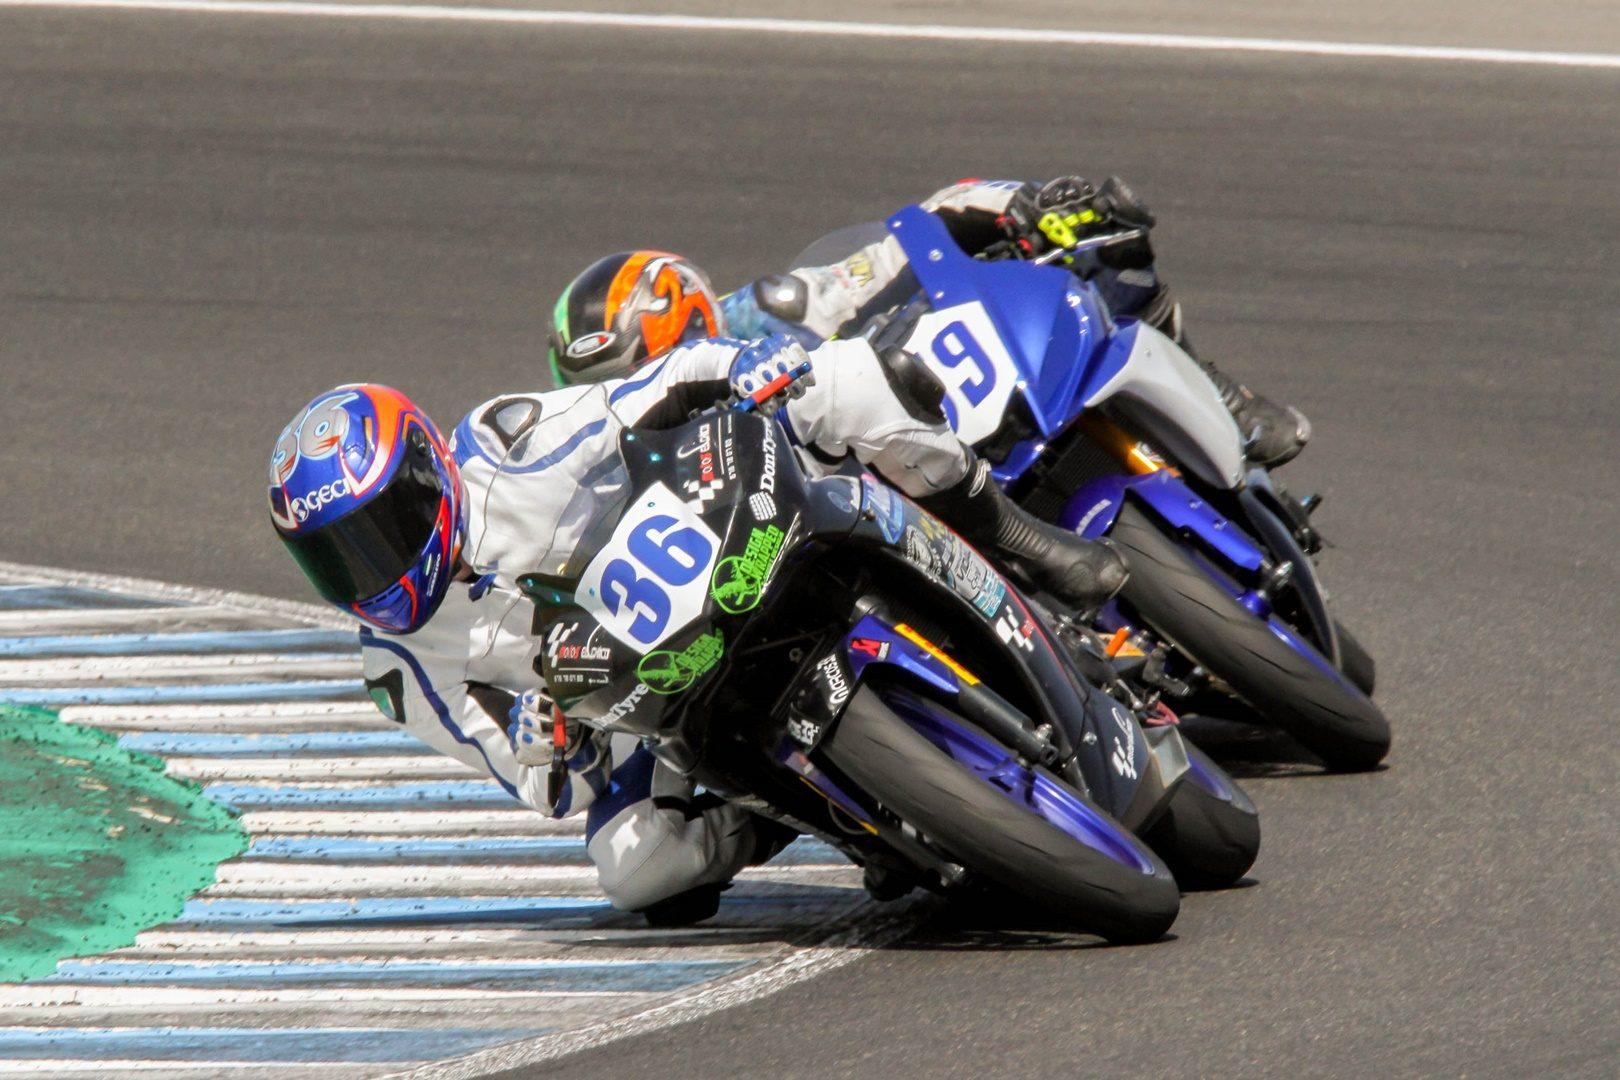 Marcos Garrido fallece en el Circuito de Jerez – Ángel Nieto